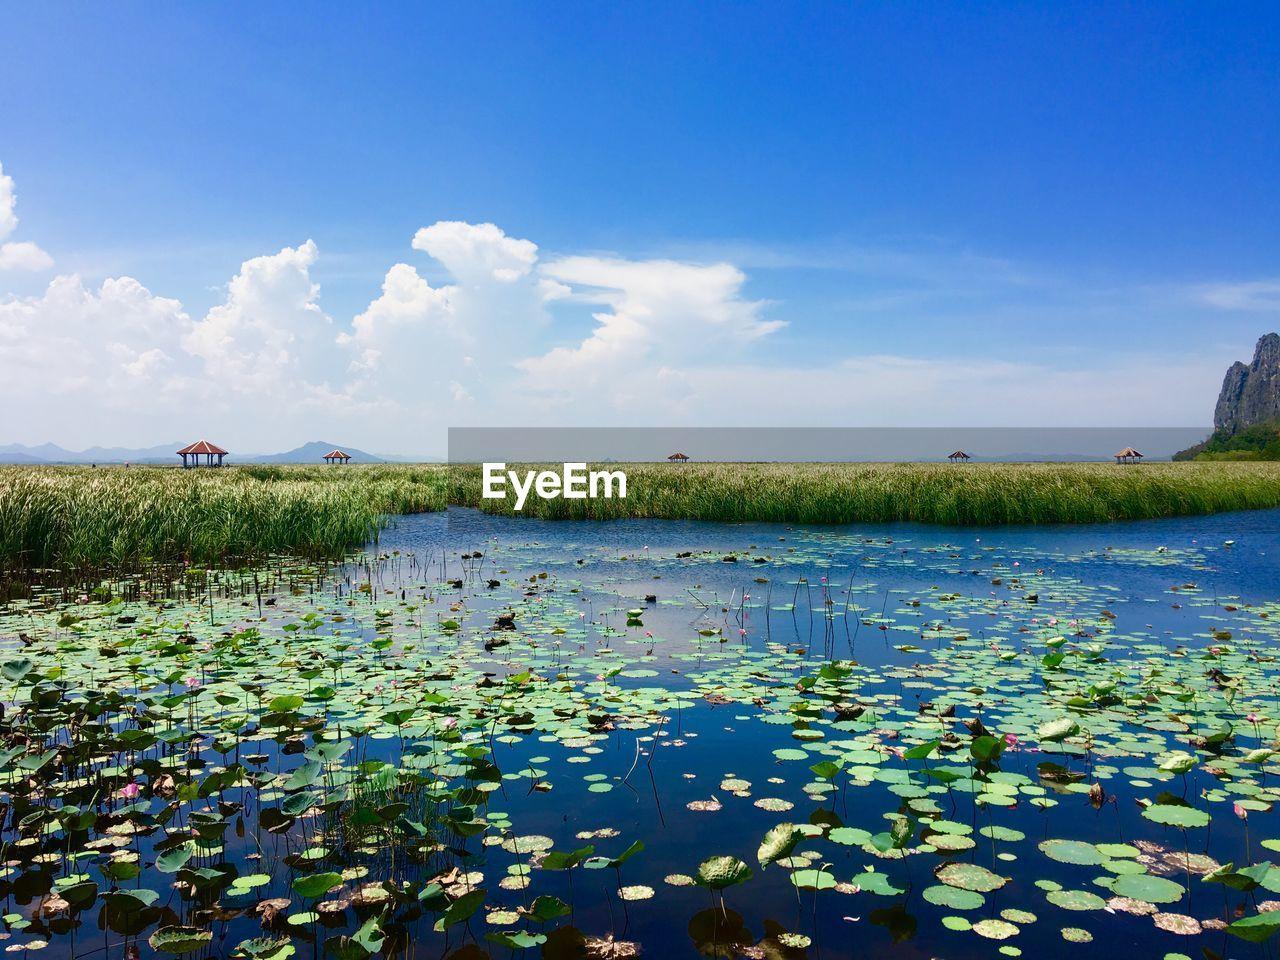 Photo taken in Ban Phu Yai, Thailand